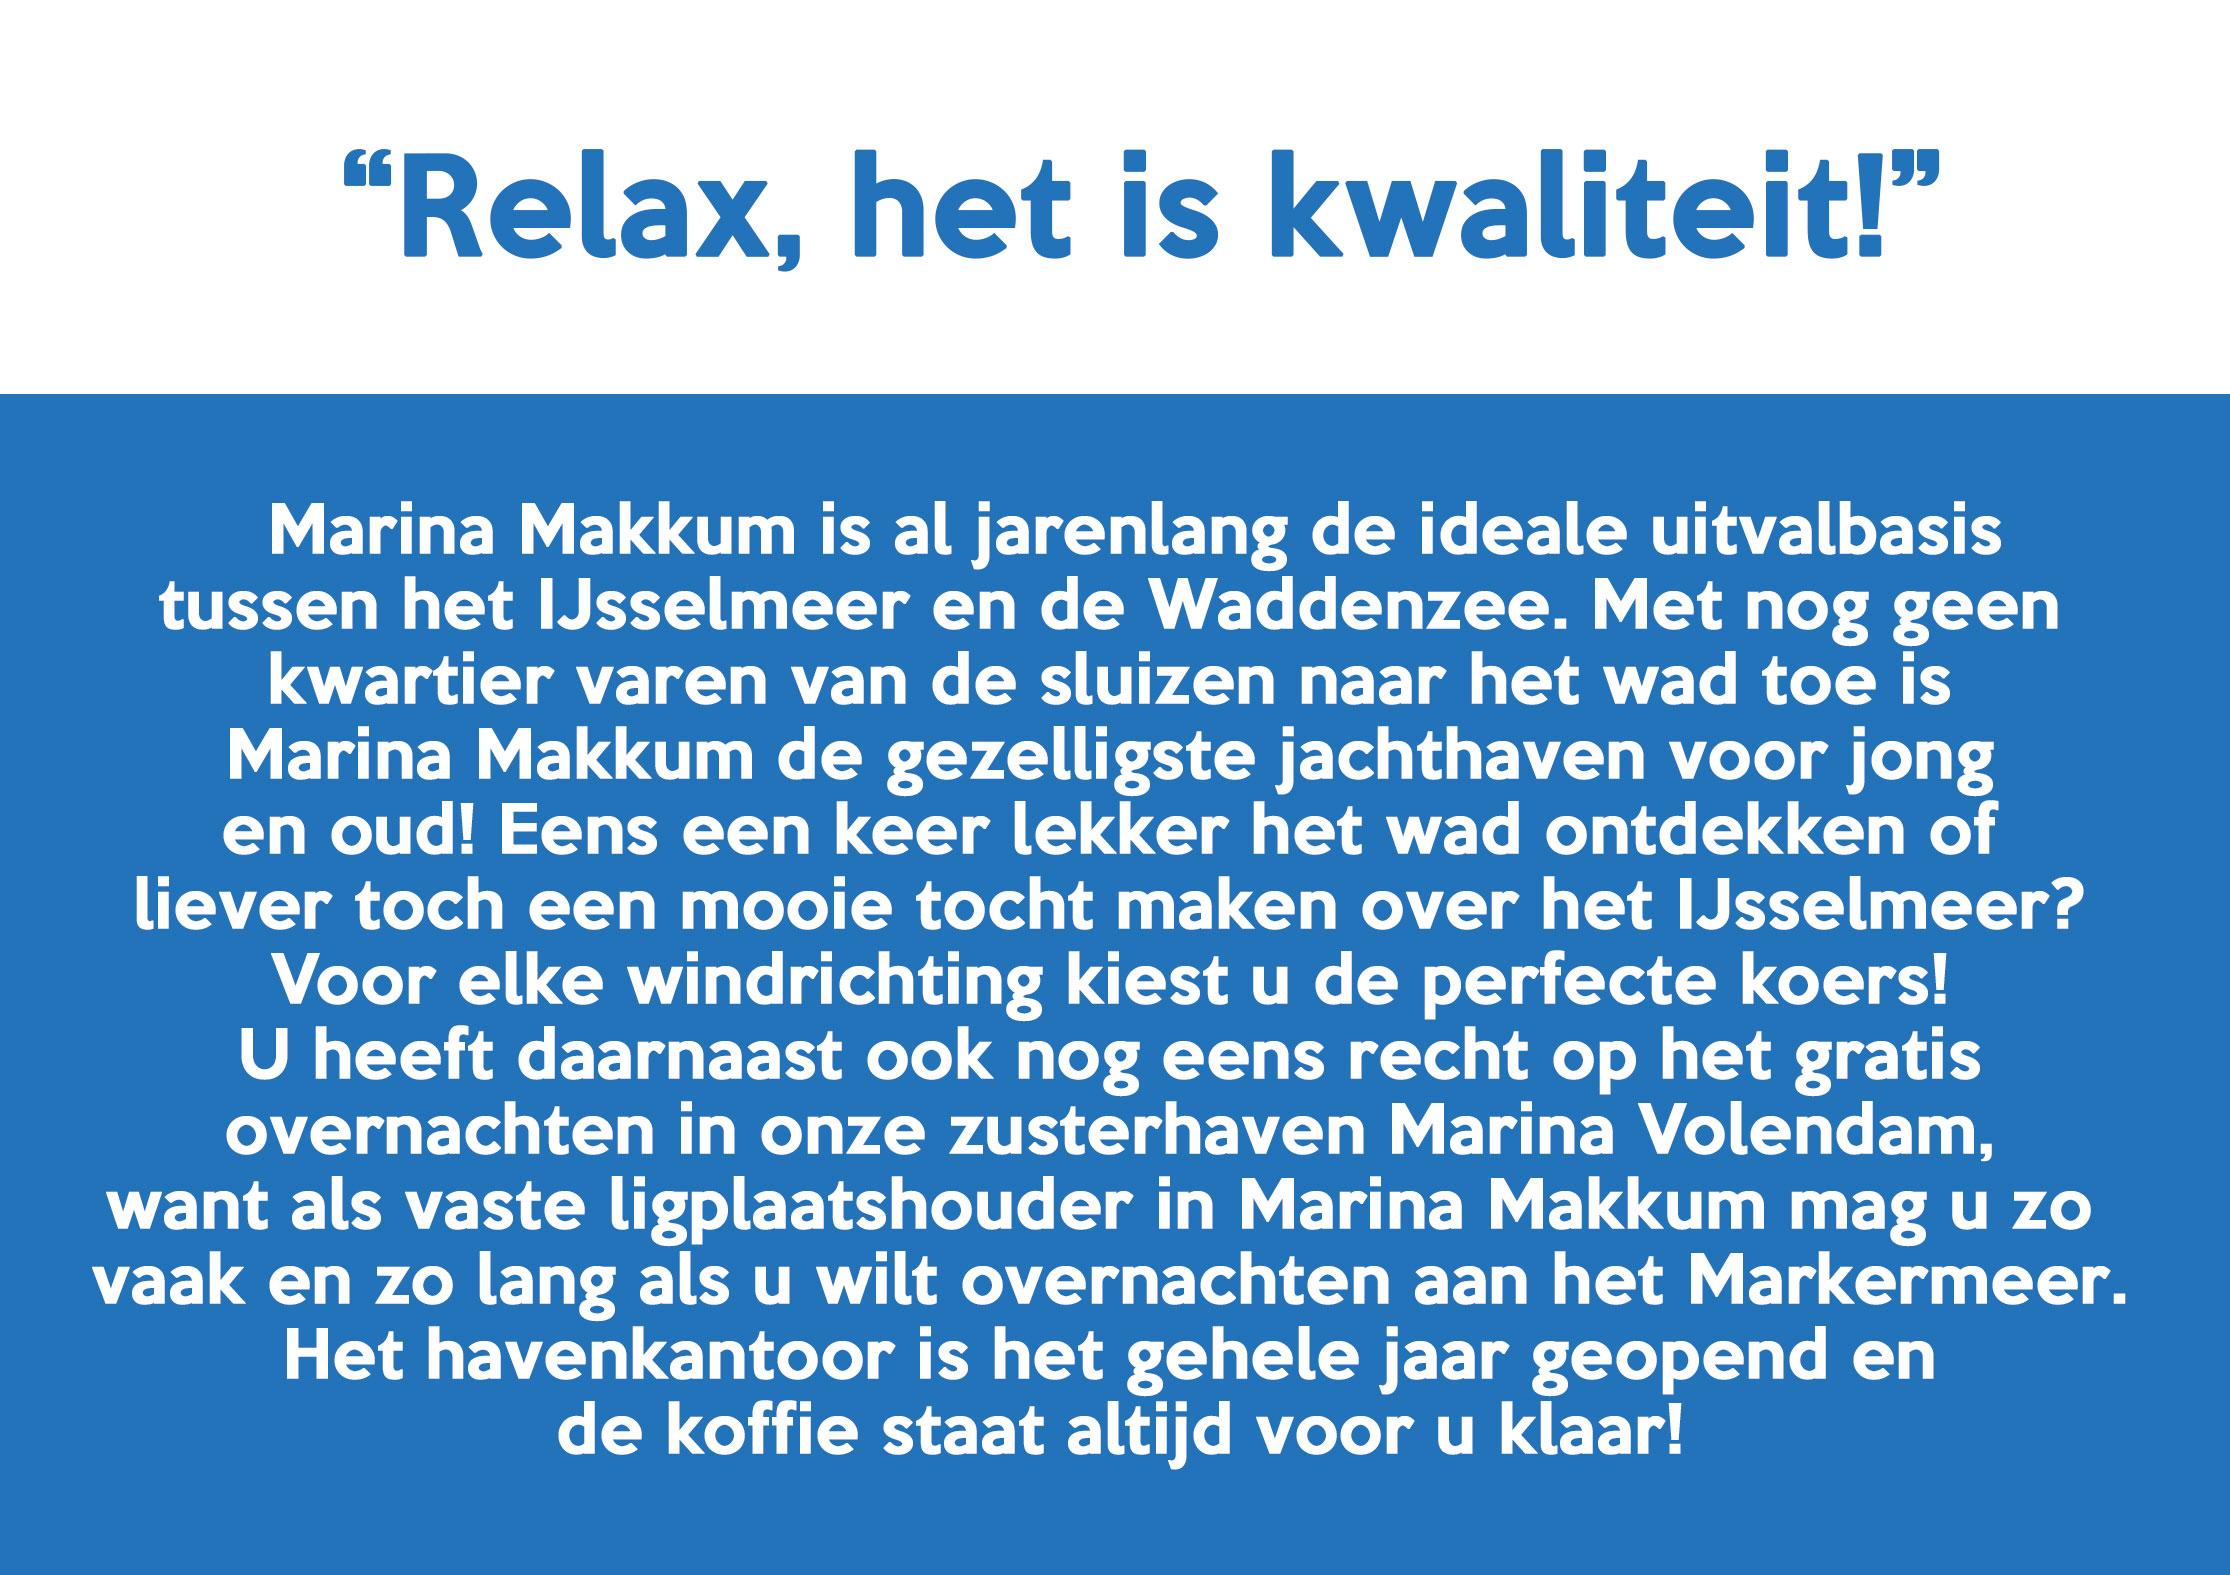 Marina Makkum